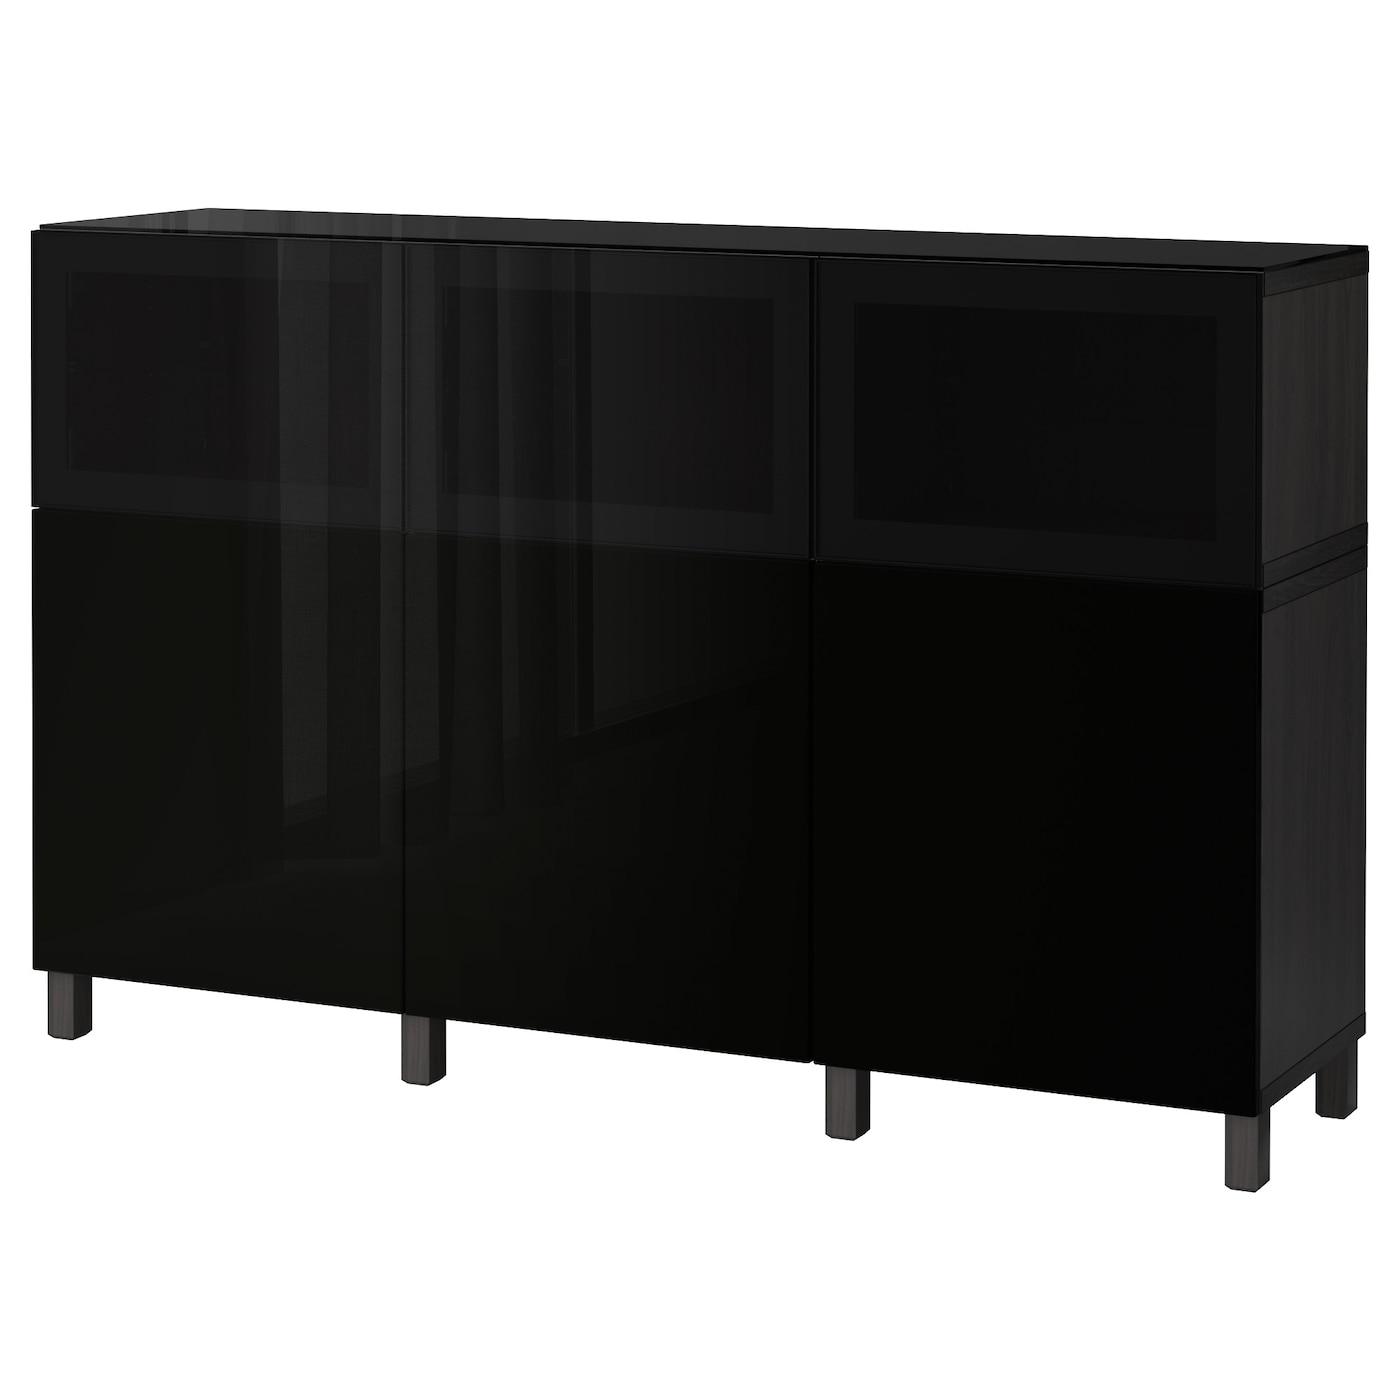 BESTÅ   Wohnzimmer > Schränke > Weitere Schränke   Schwarzbraun   Papier   IKEA